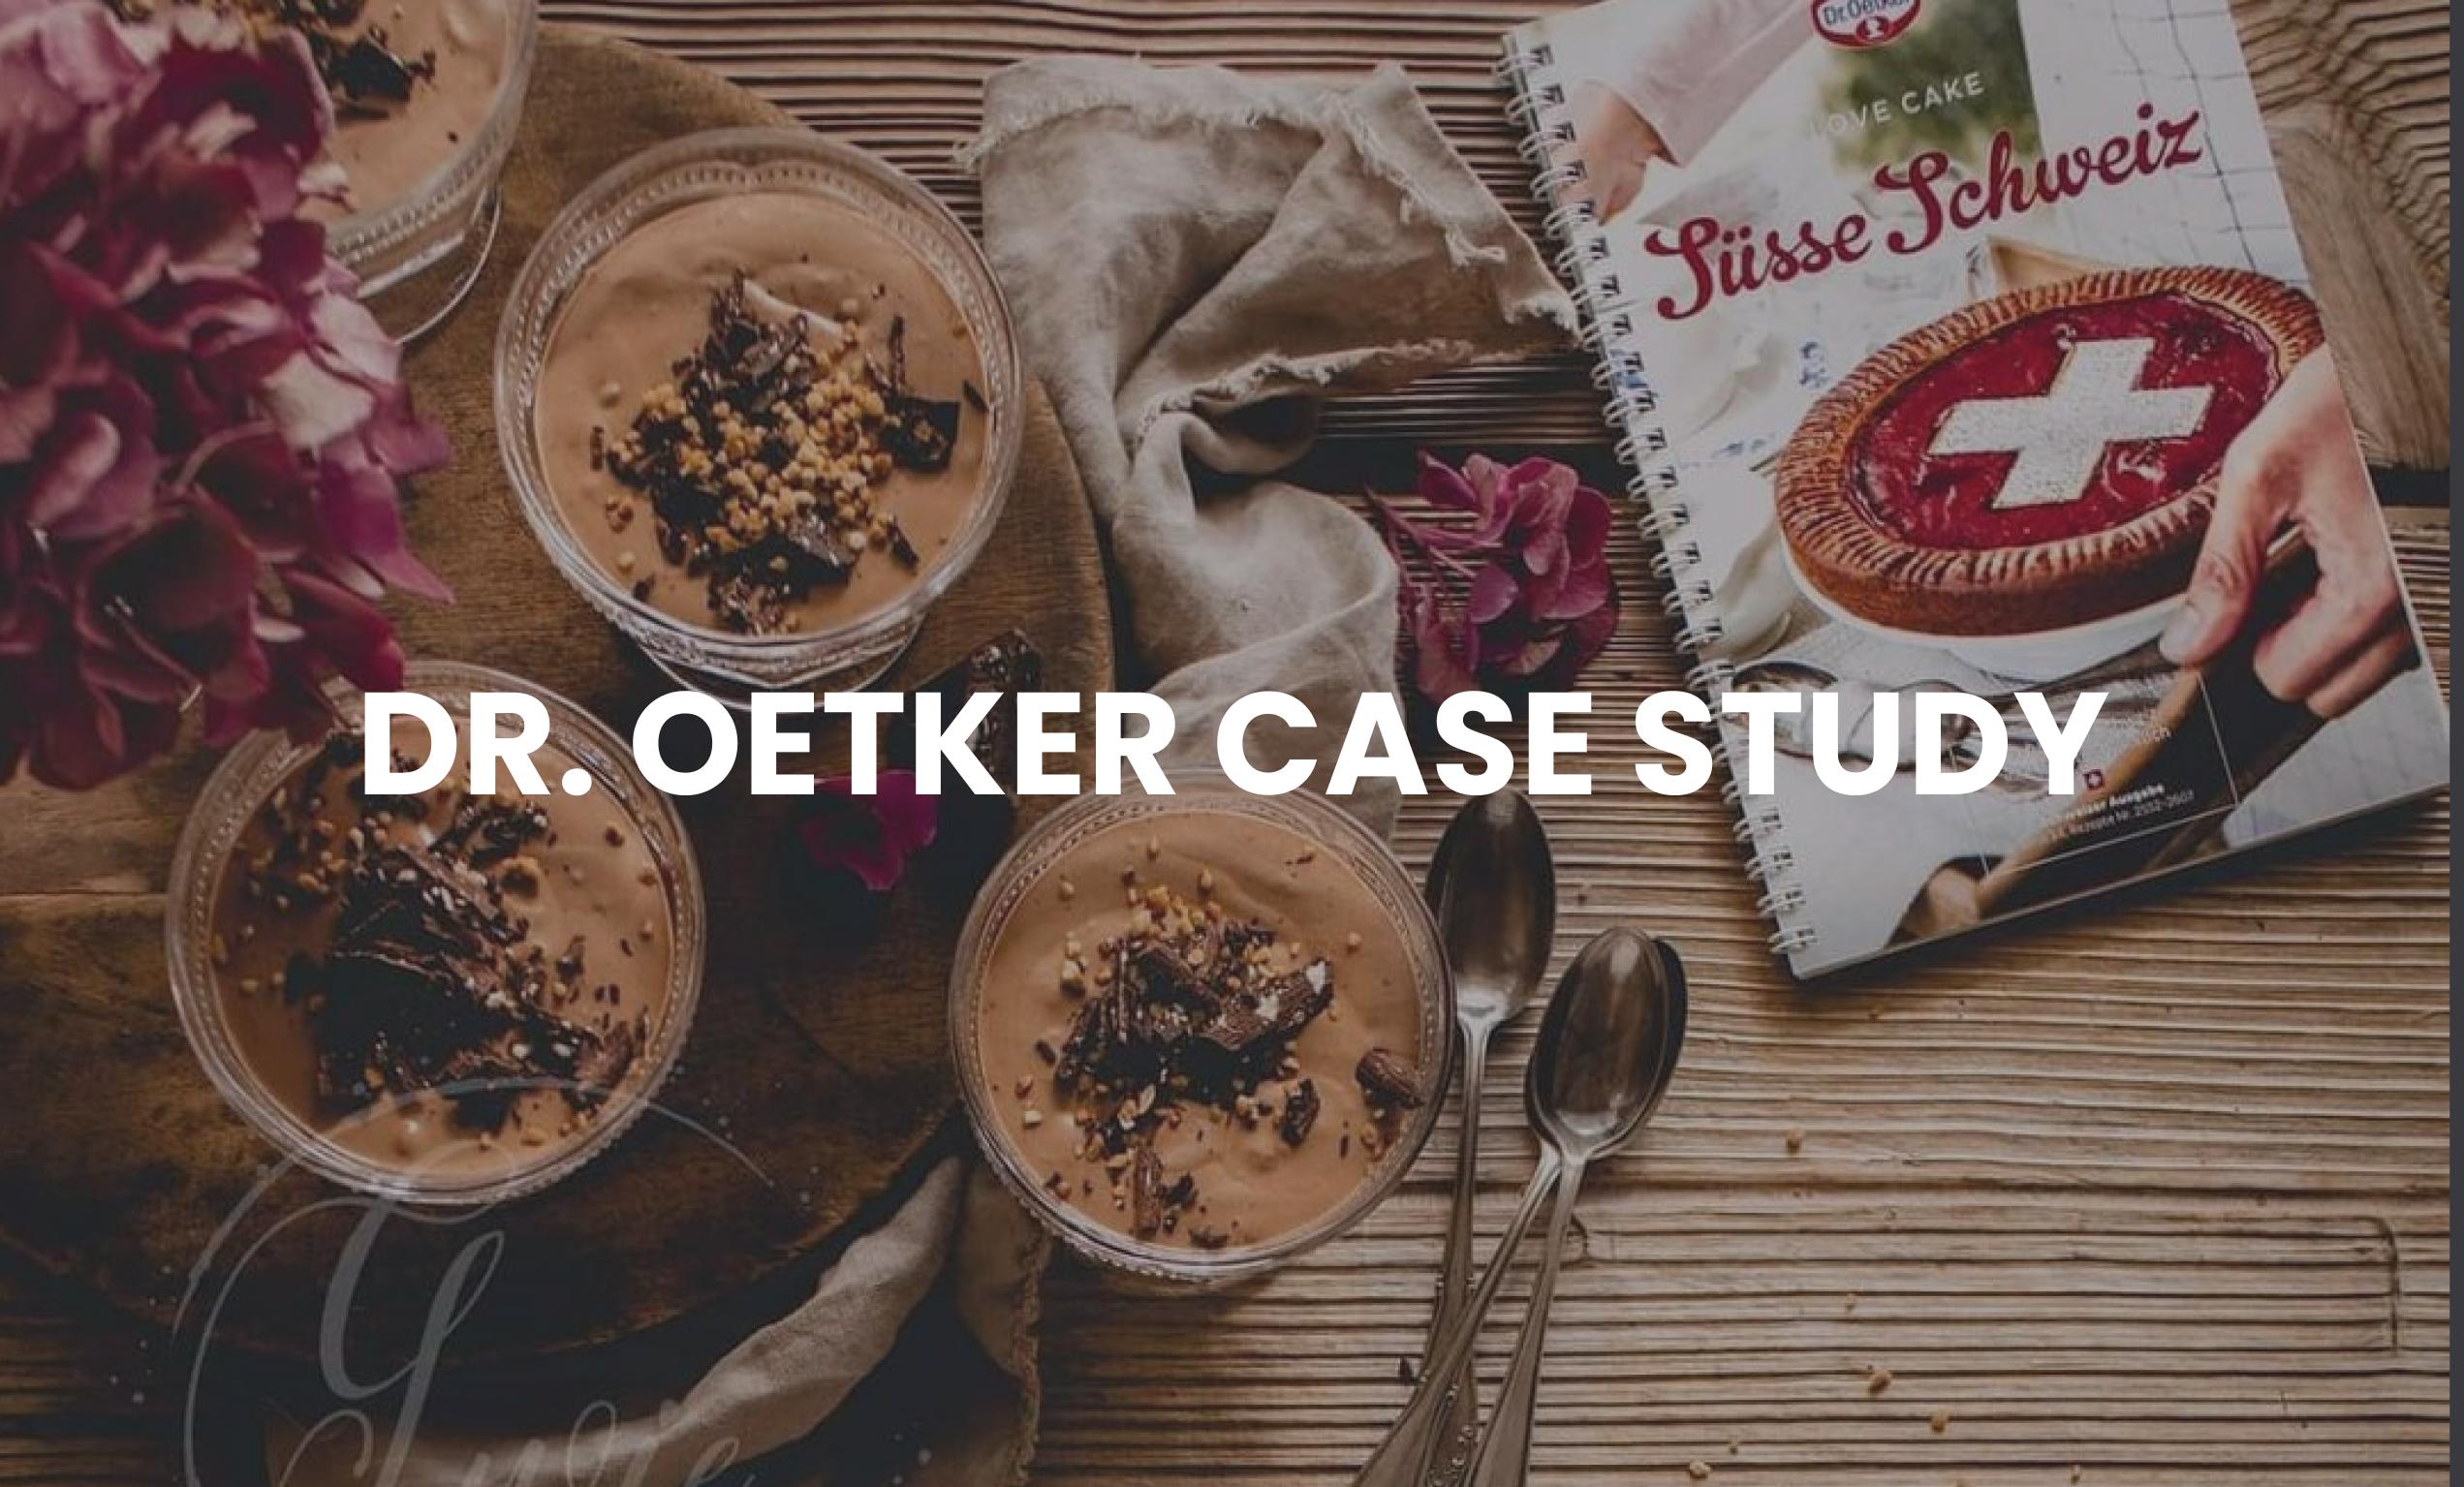 Dr. Oetker Case Study